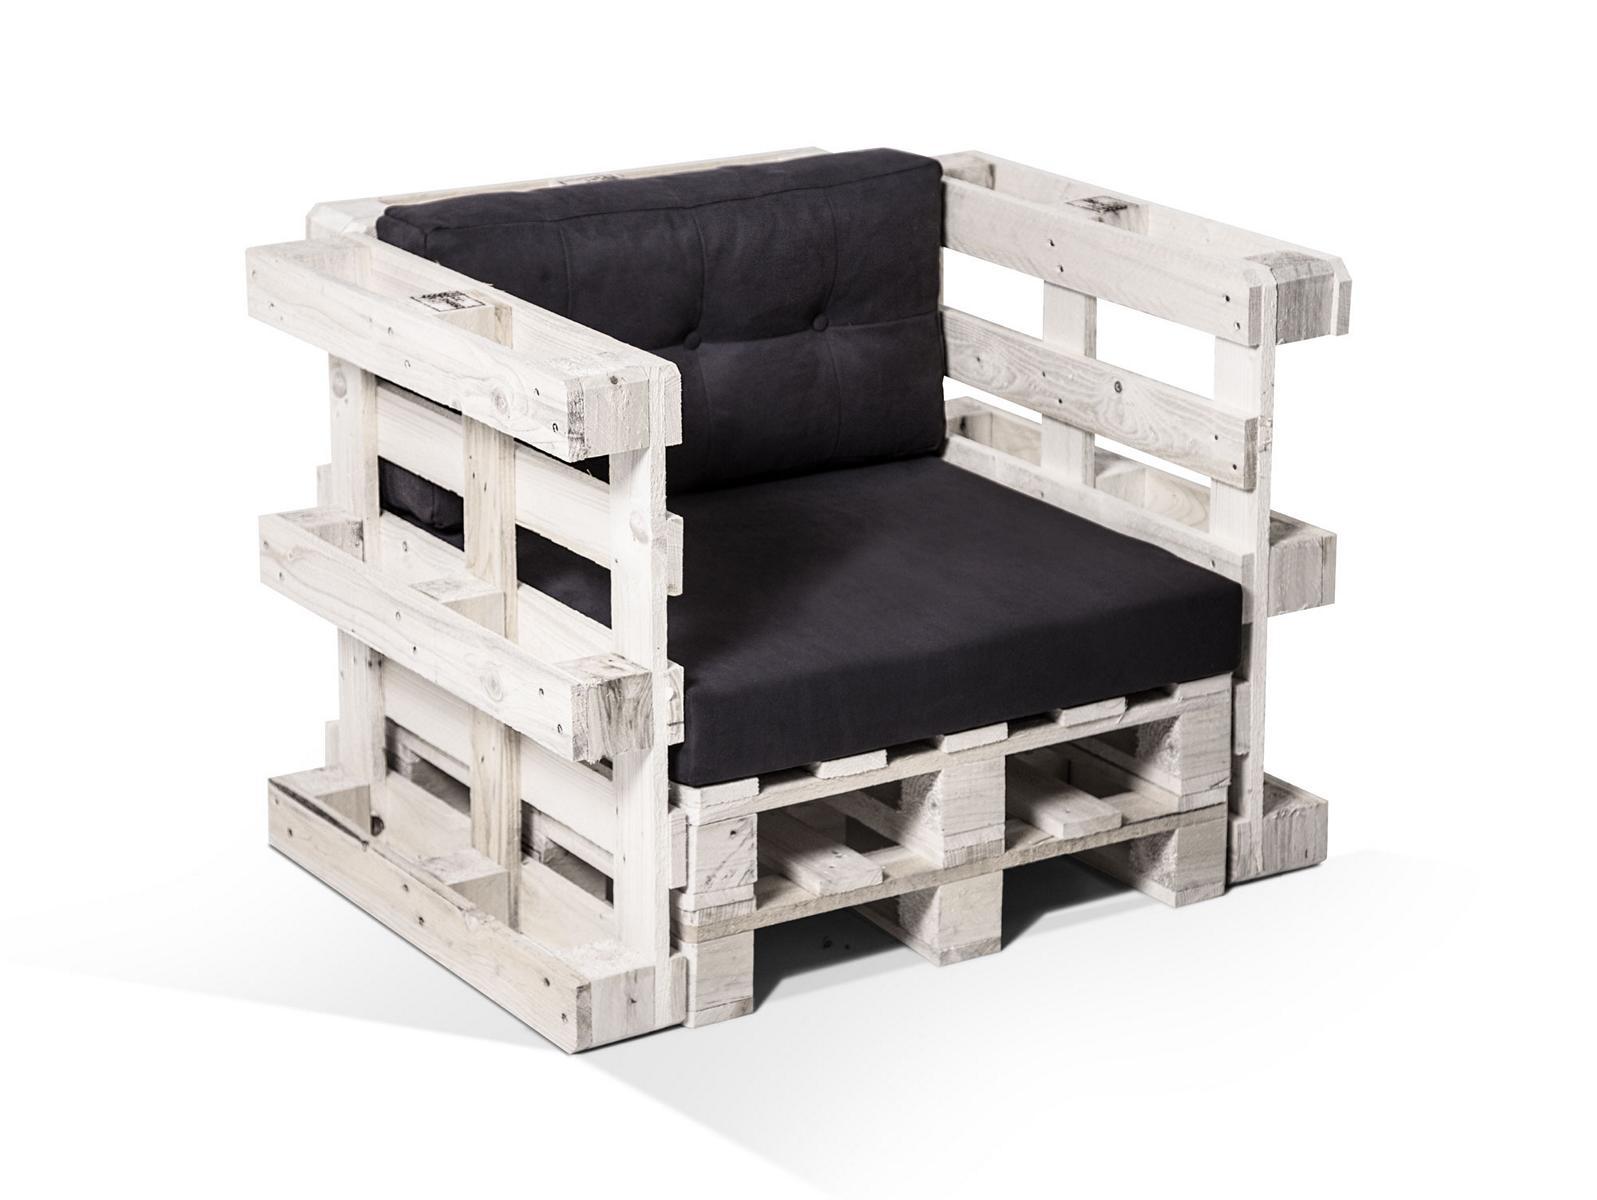 Sitzmöbel aus Paletten 16